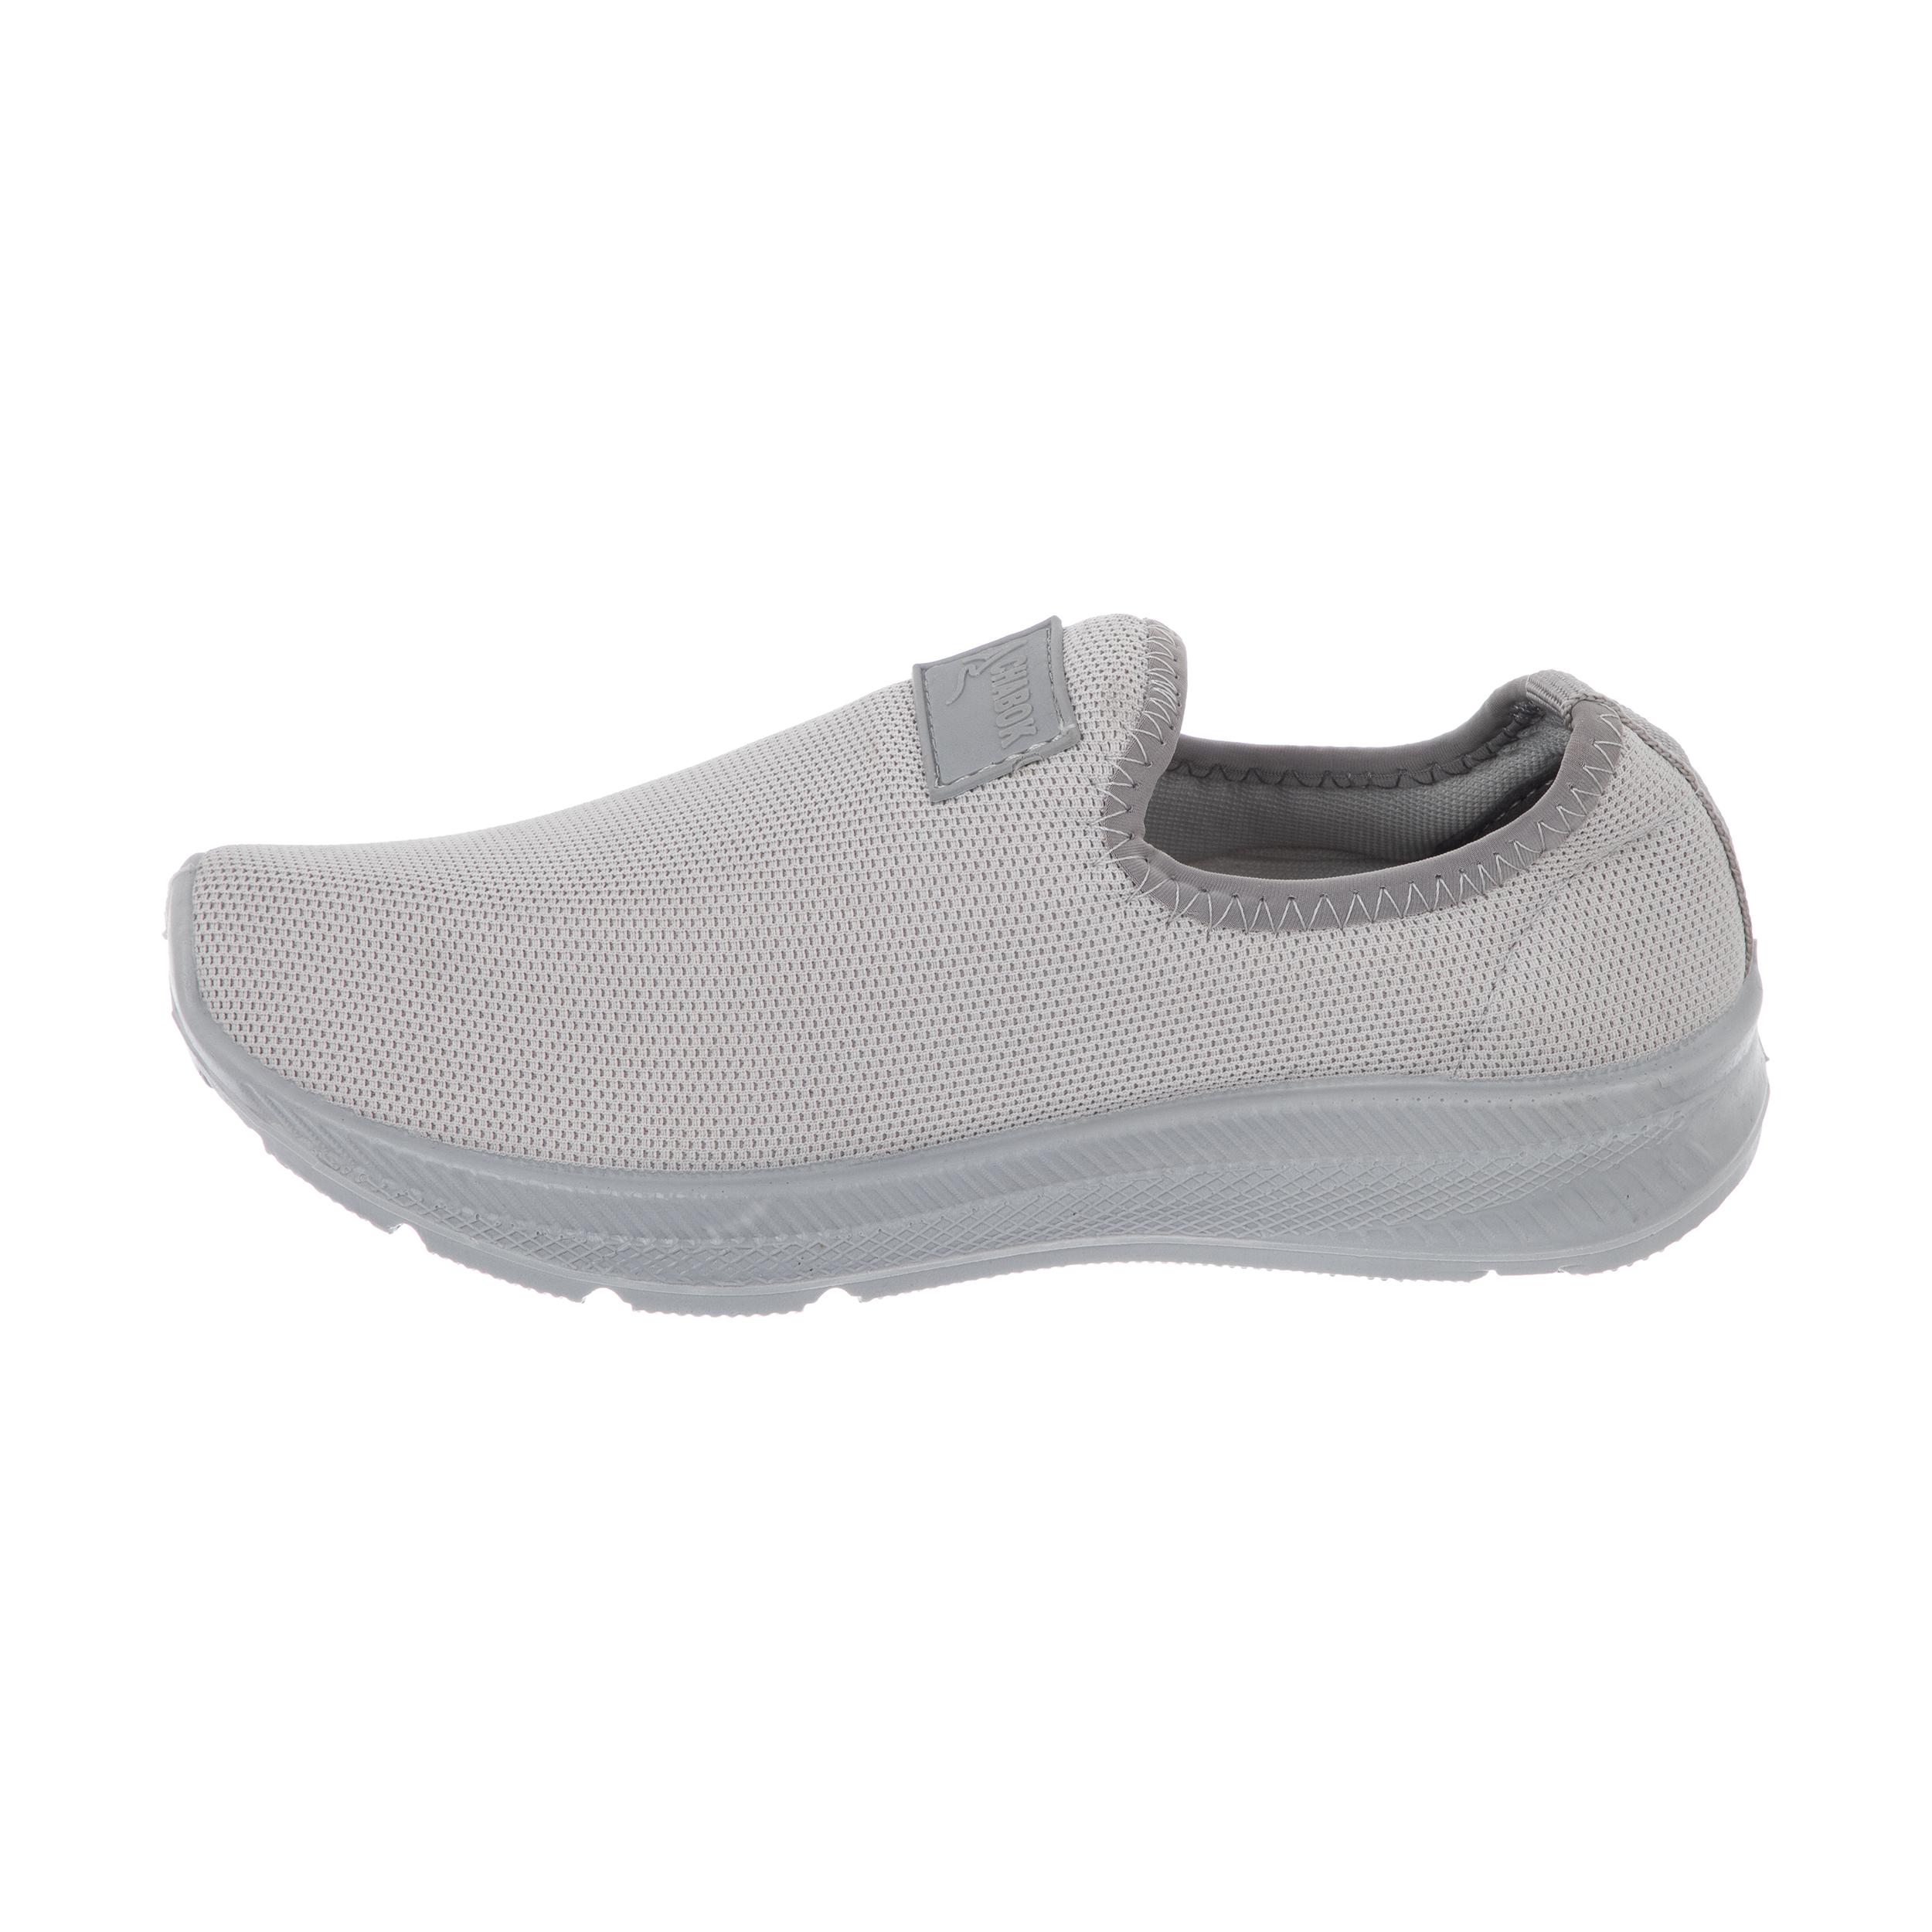 کفش راحتی چابک مدل رامش رنگ طوسی -  - 2